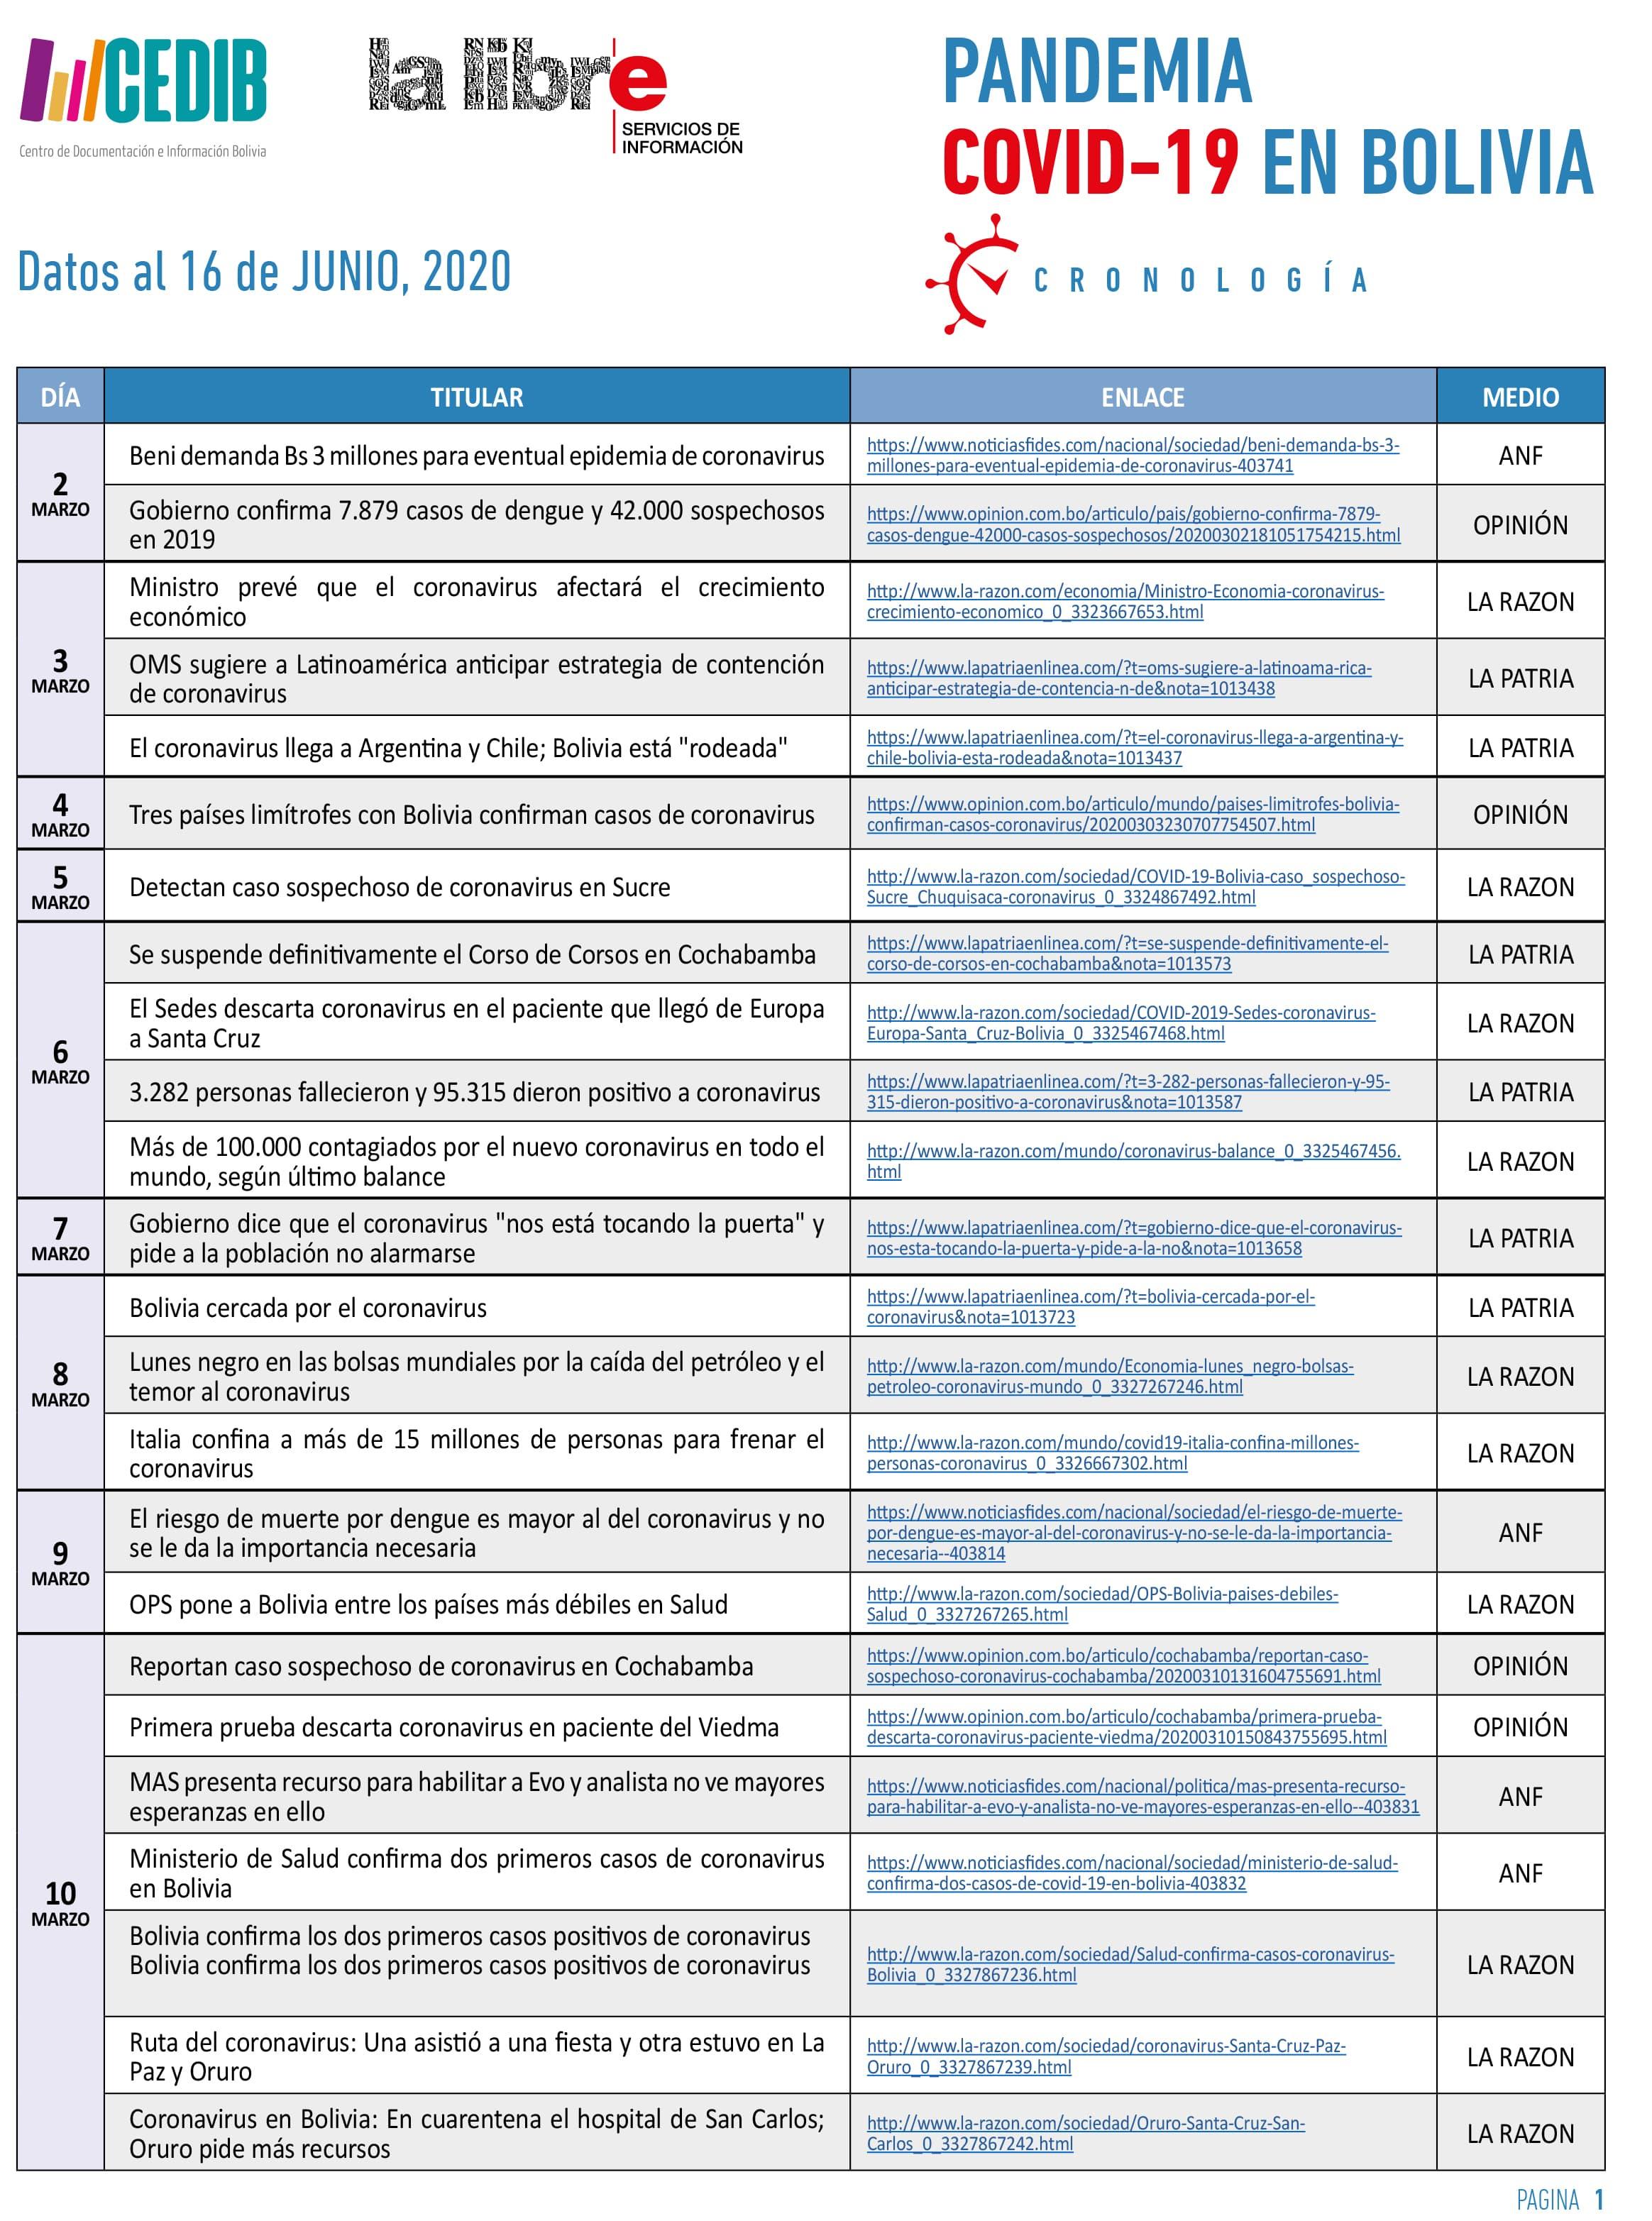 Cronologia COVID19 en Bolivia: Dossier de prensa (16.04.20)